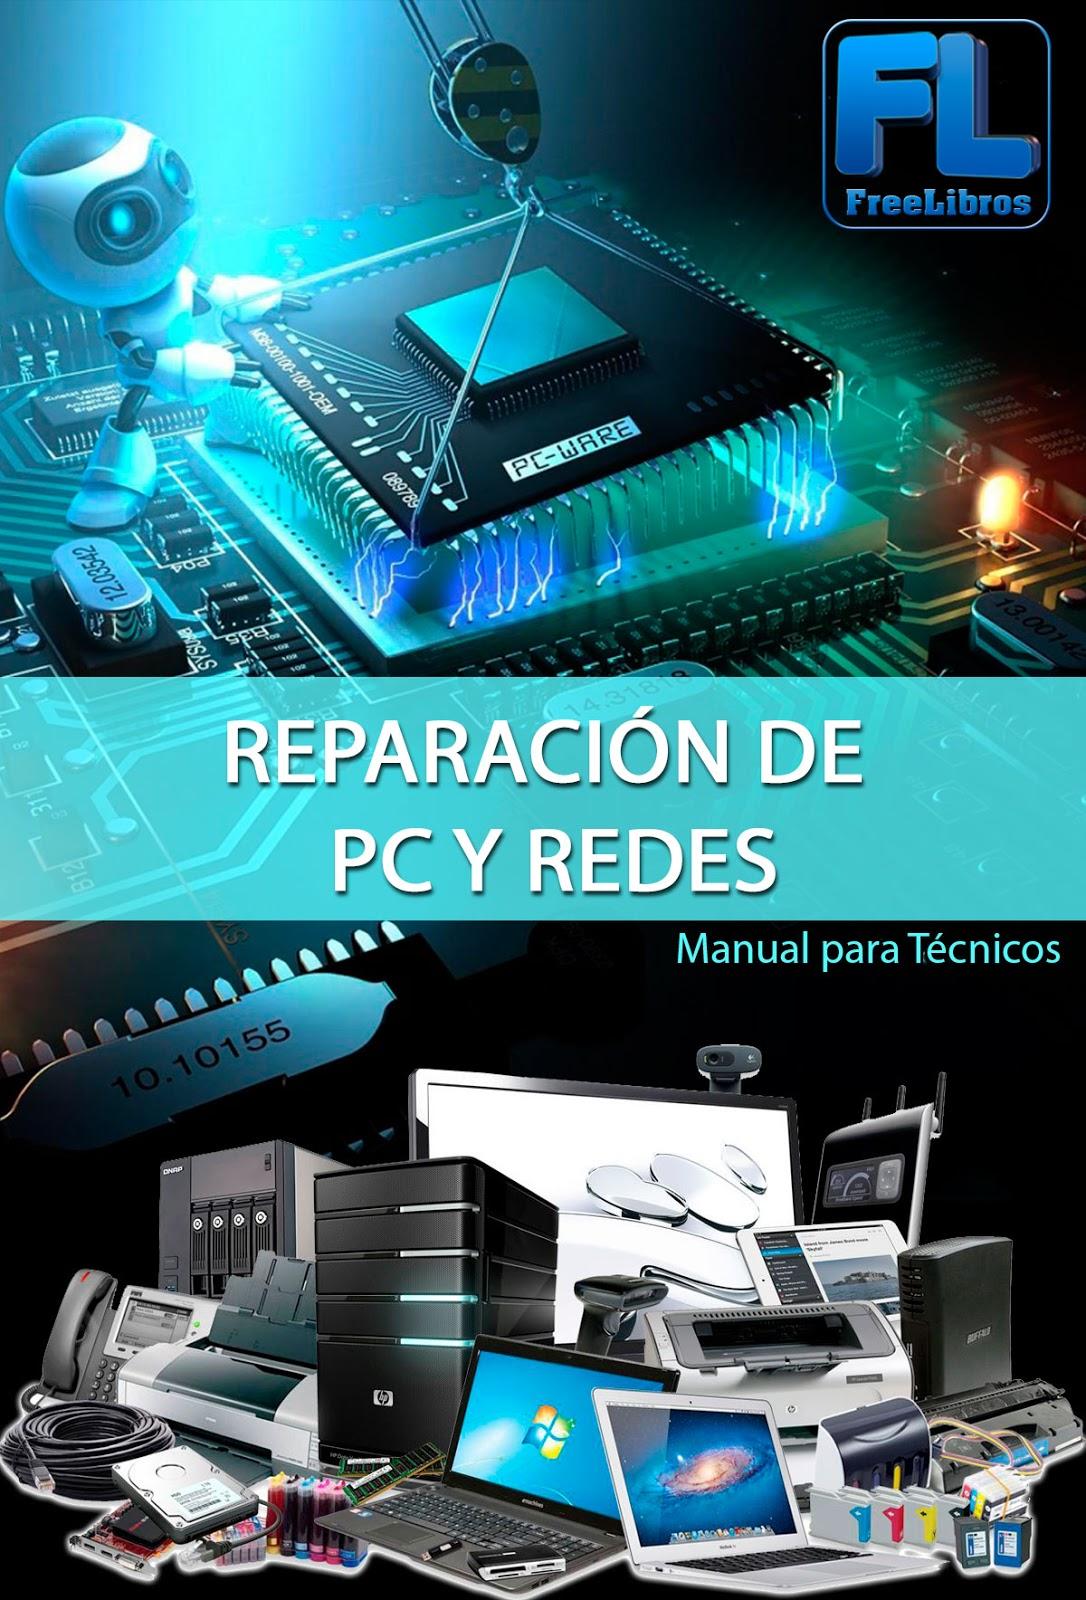 Manual para Técnicos en Reparación de PC y Redes